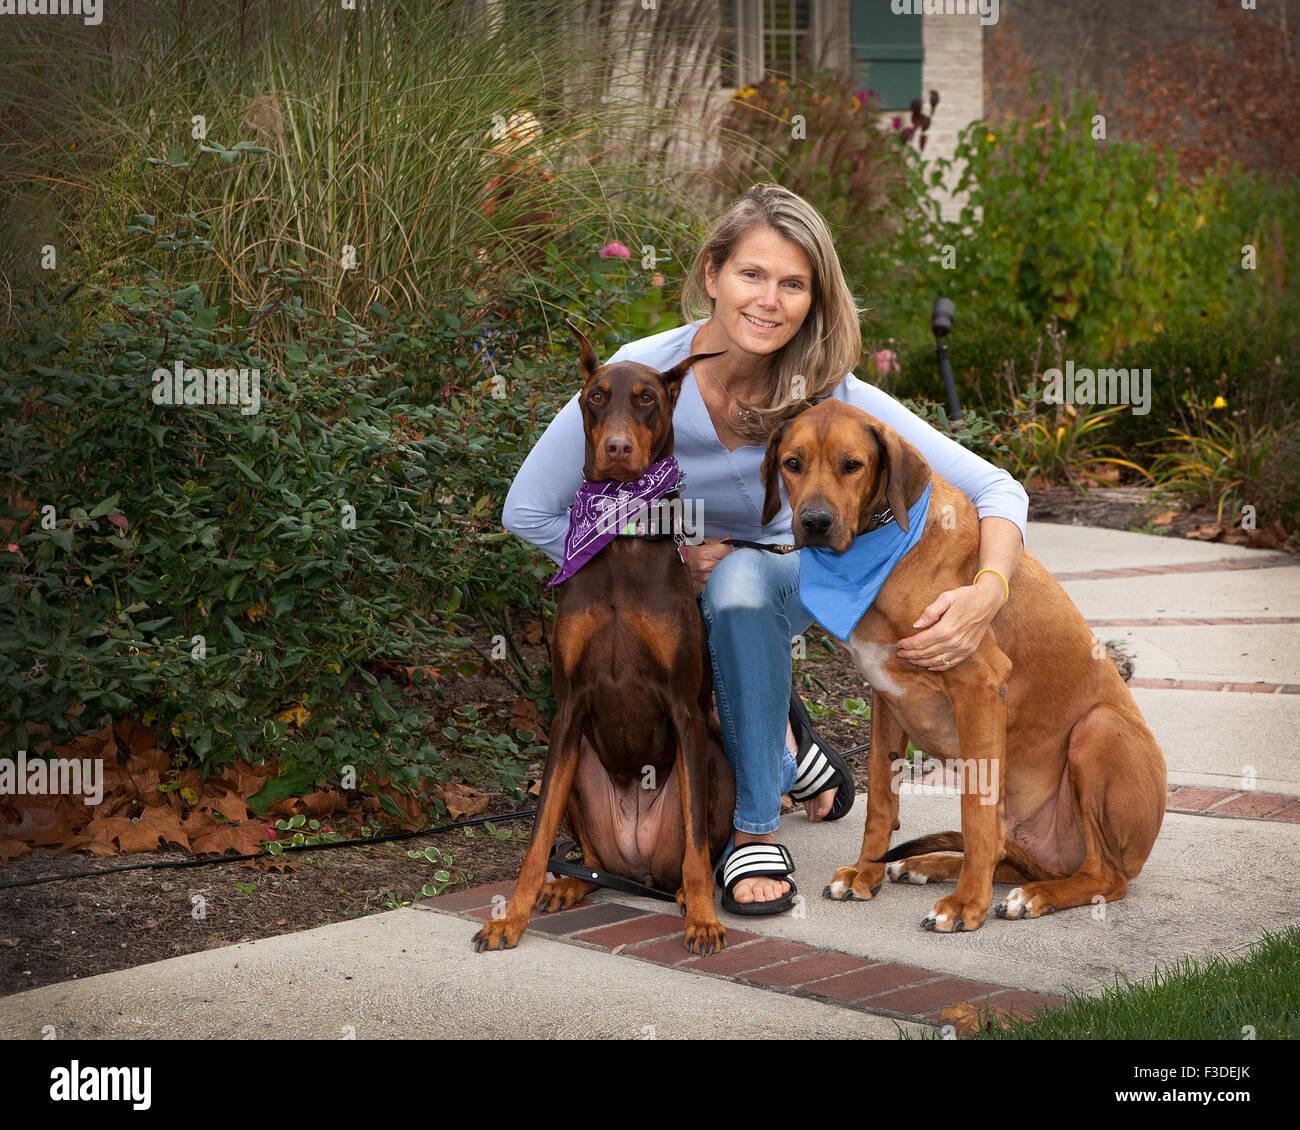 Atractiva mujer de mediana edad en la vereda con su perro mascota 2 grandes compañeros. Un espacio de verde Imagen De Stock